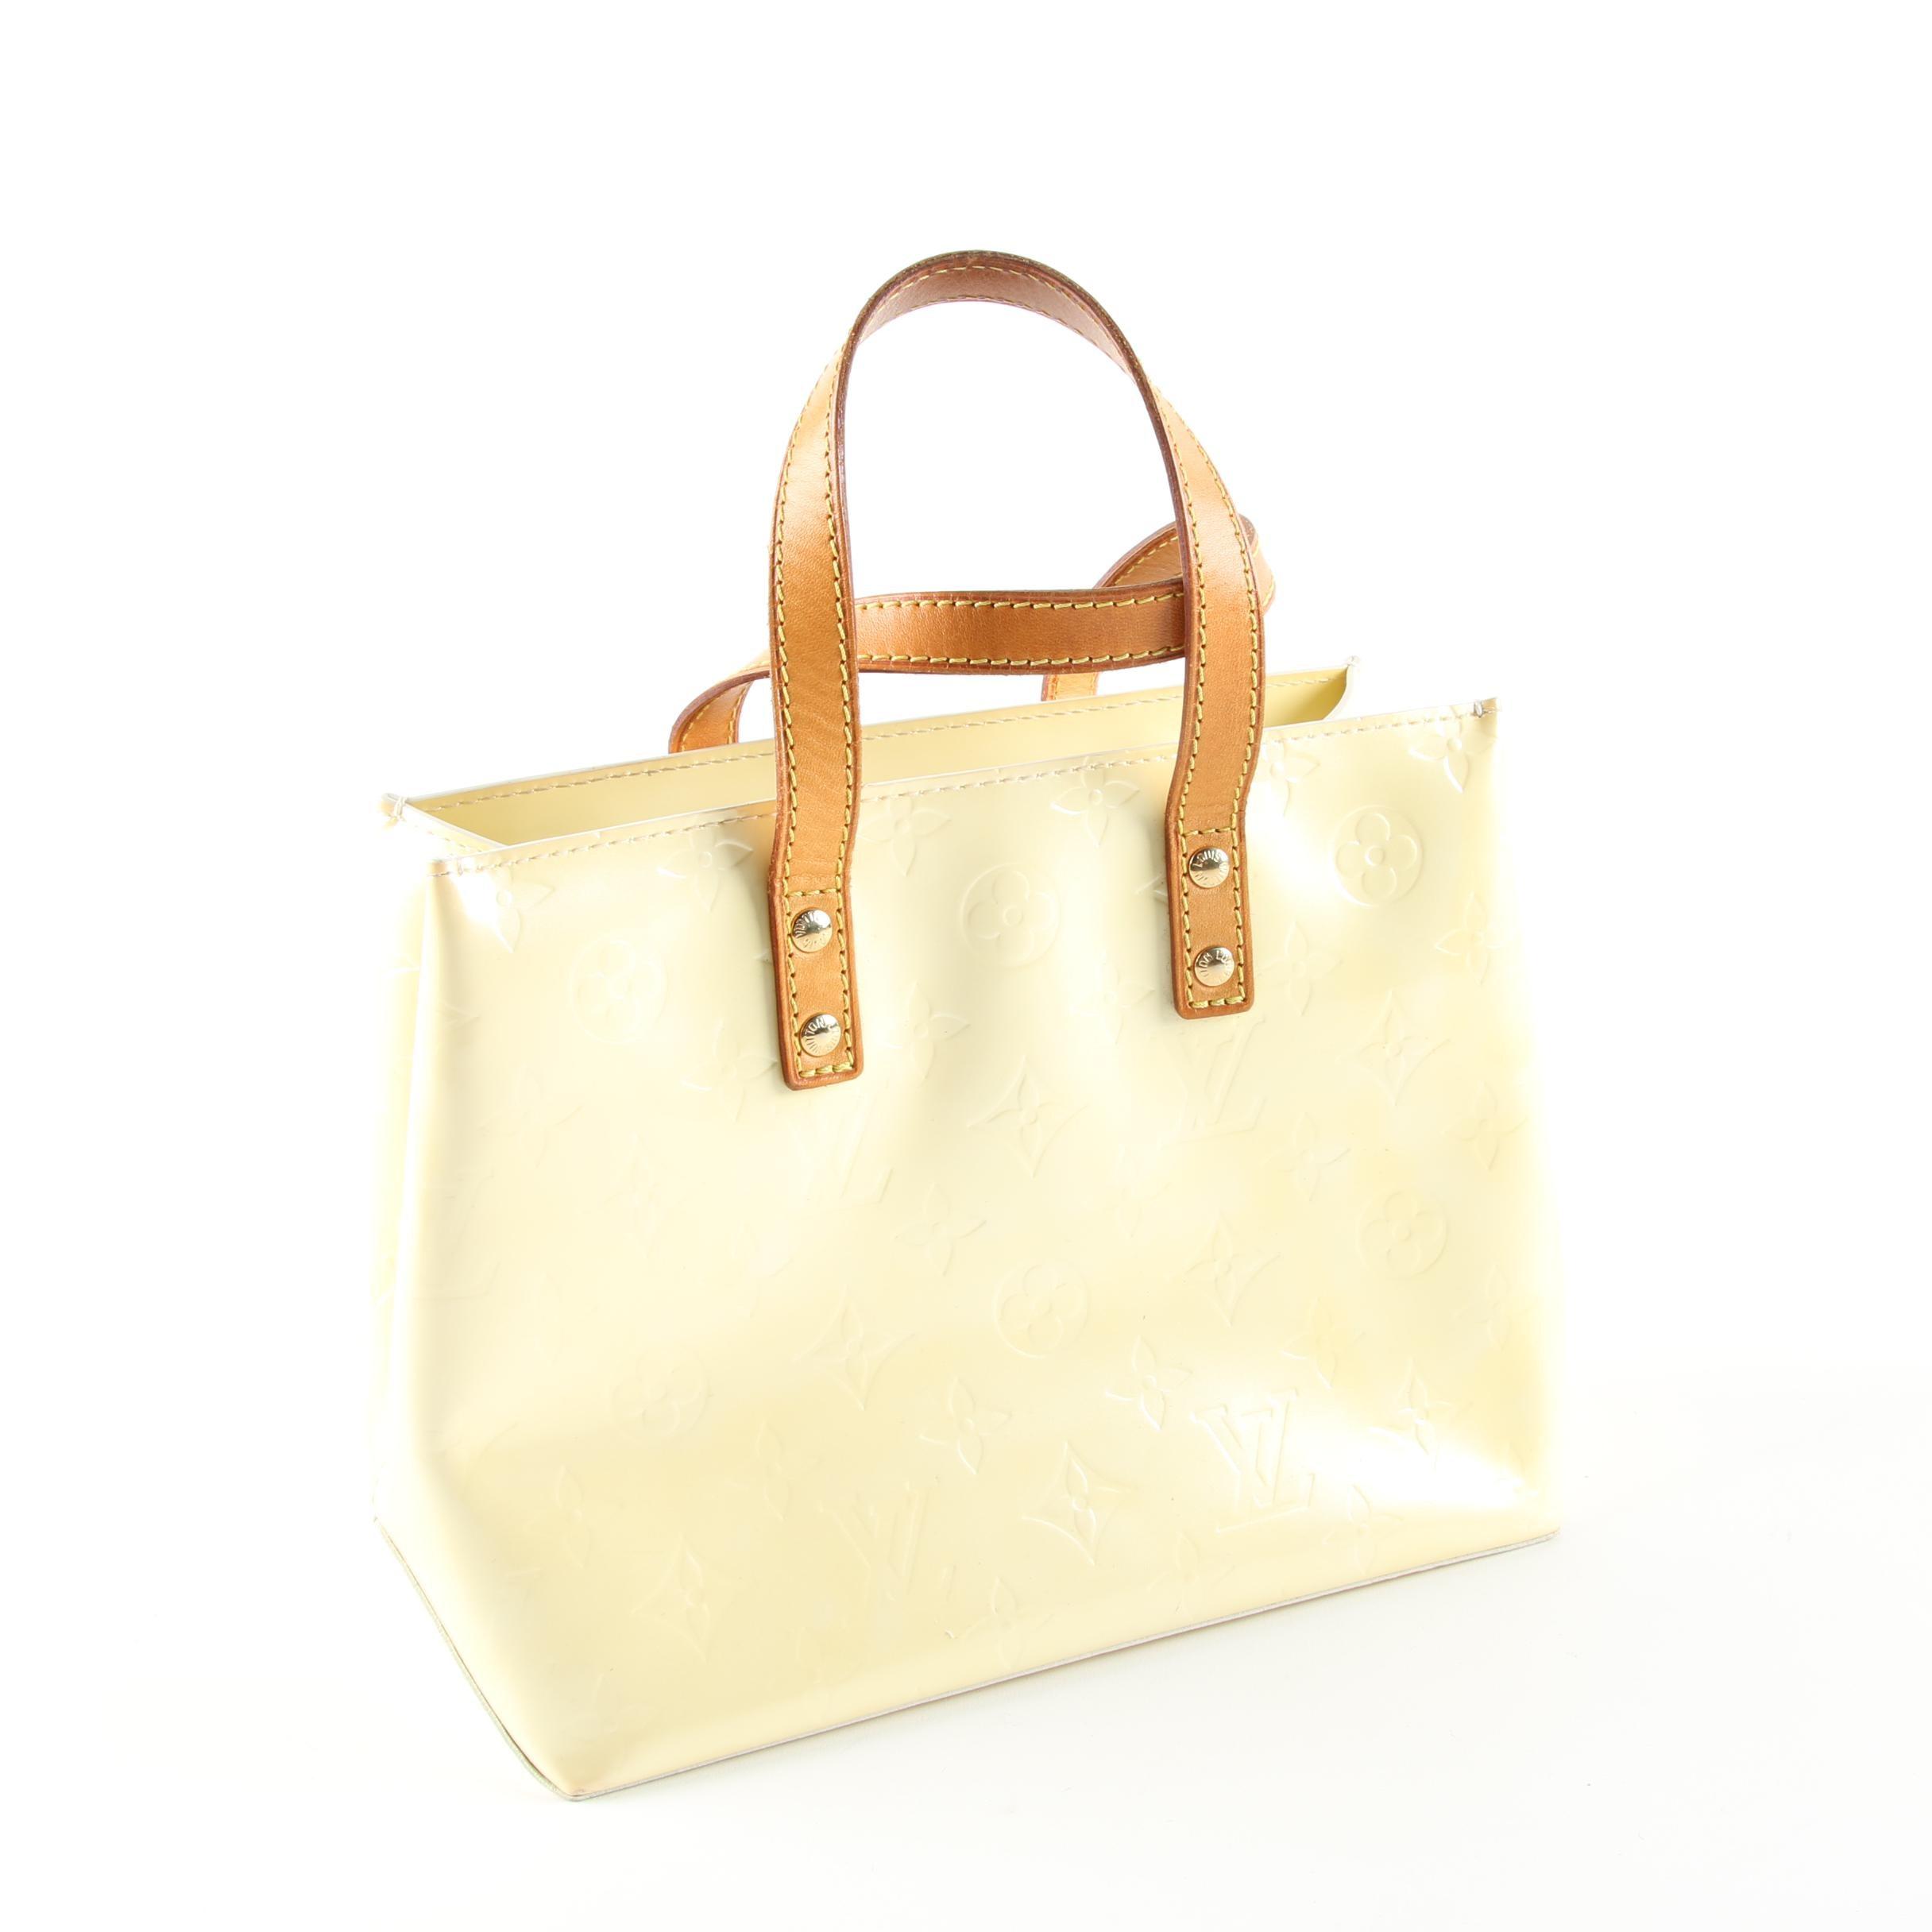 Louis Vuitton Citrine Monogram Vernis Reade PM Bag